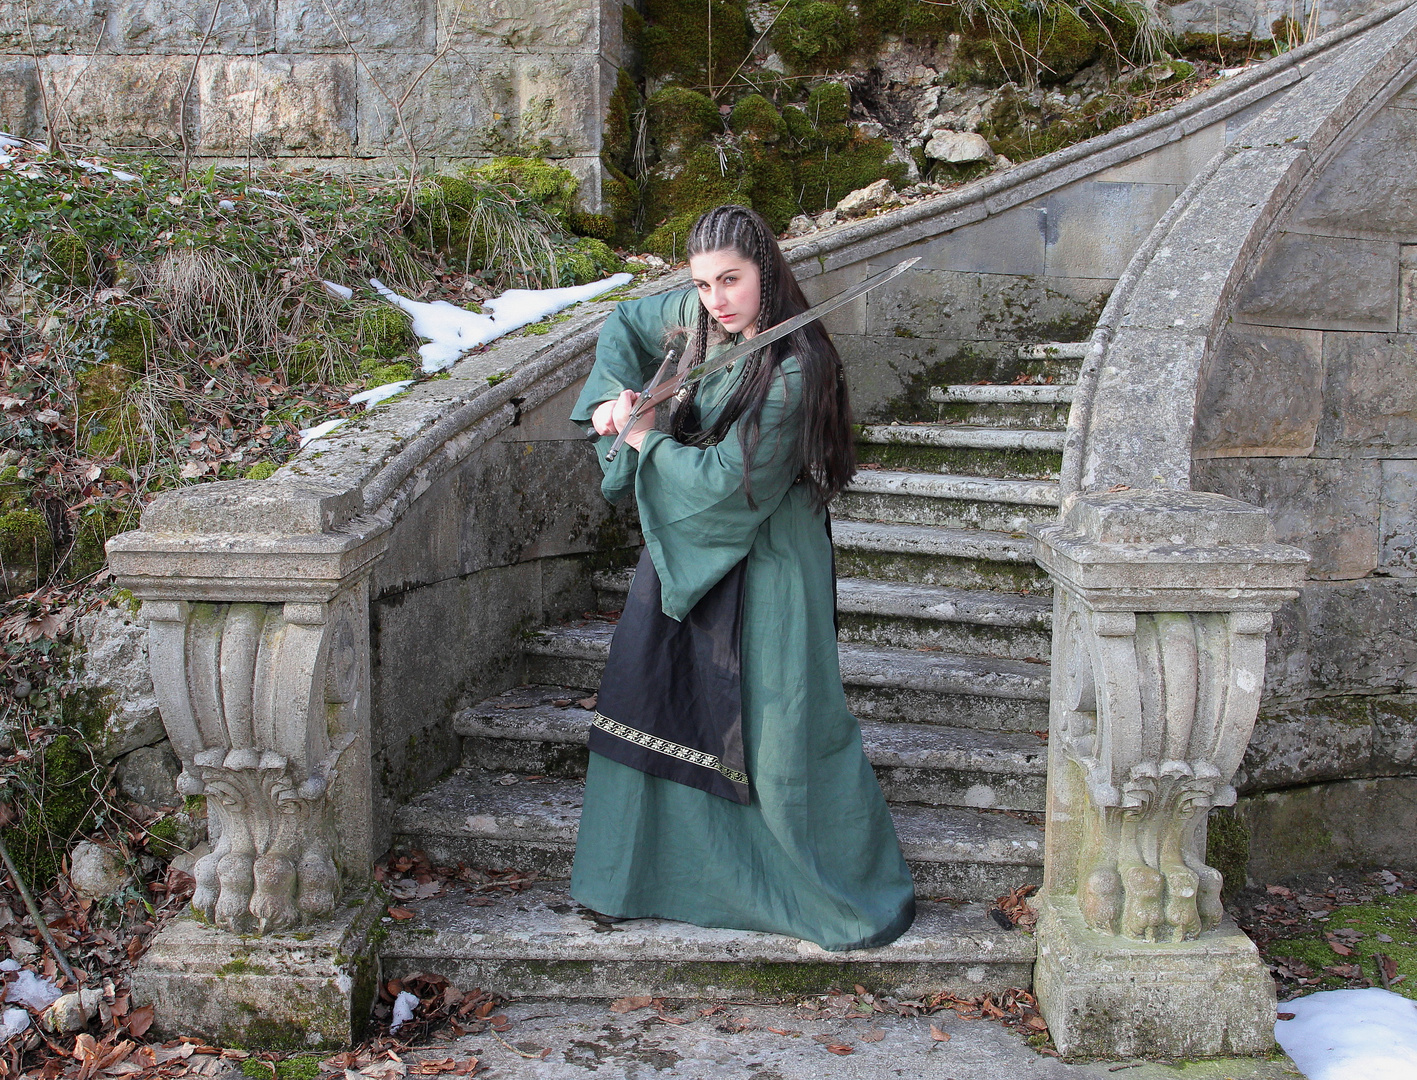 Brunhild Queen of Iceland III